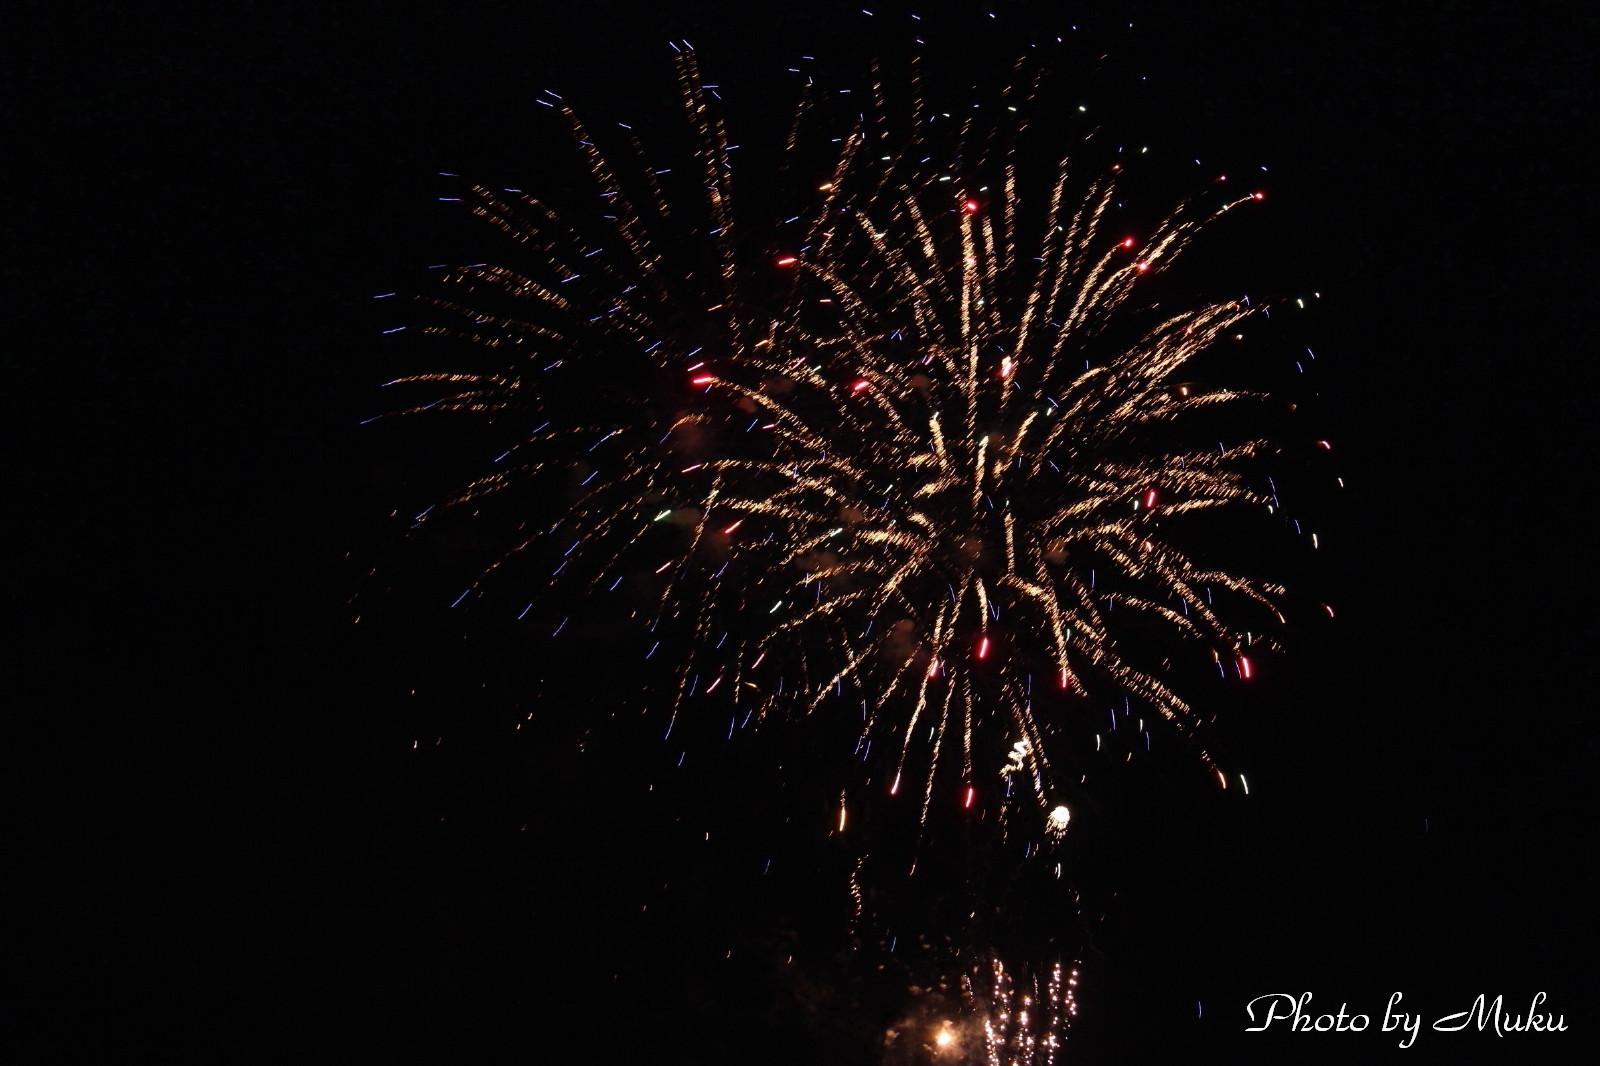 20132014/07/12 花火 (久里浜港:神奈川県横須賀市)